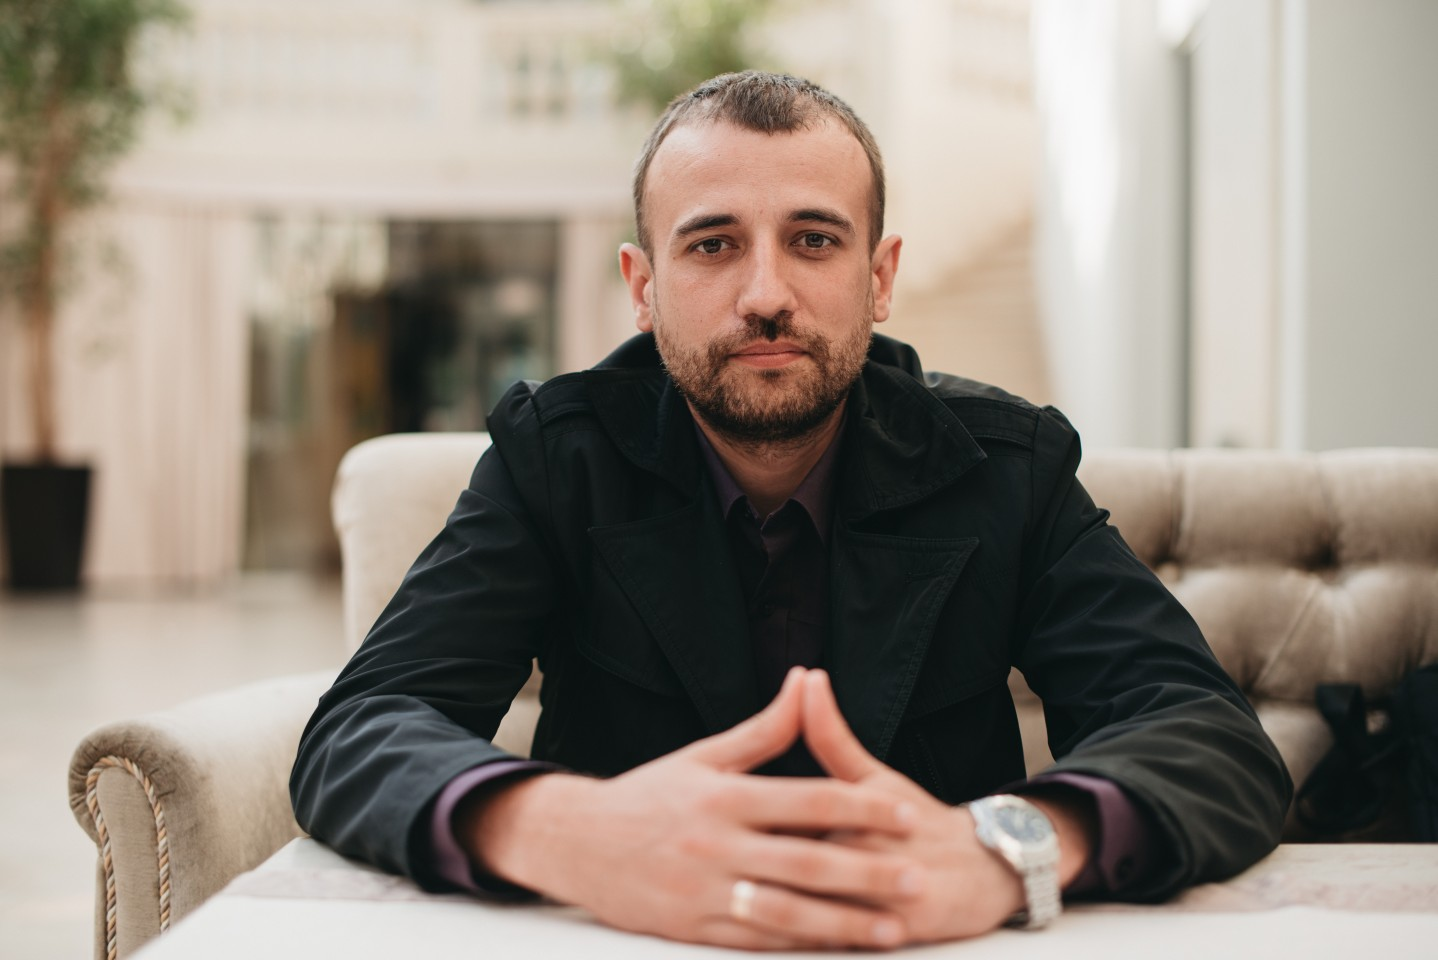 Любомир Андрусів - фото 1